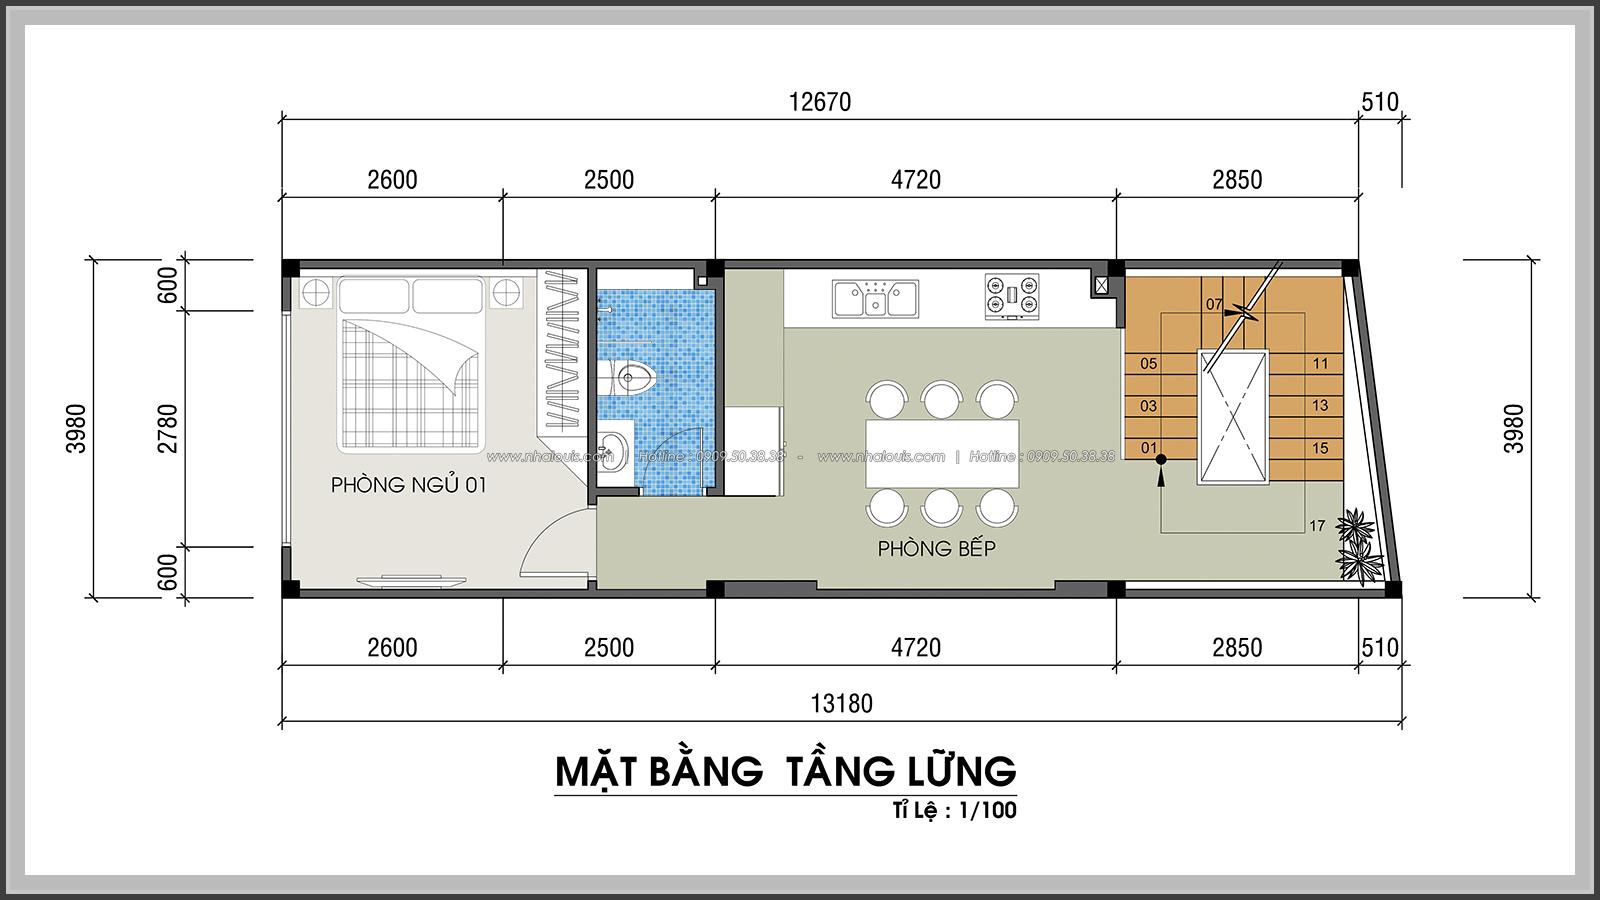 Thiết kế nhà phố hiện đại 4m x 13m tại Quận 7 với mảng xanh tươi mát - 17